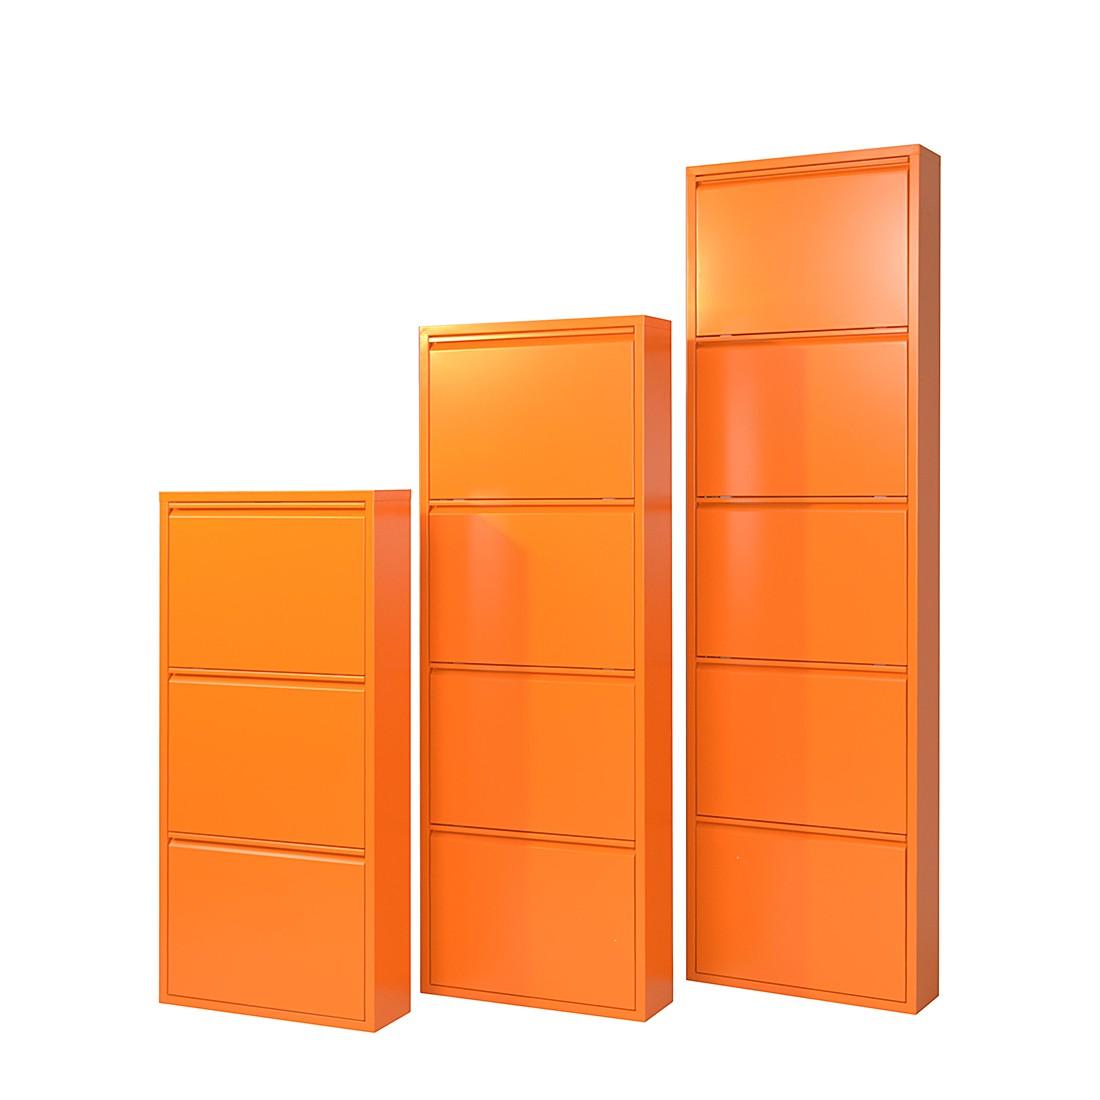 Schuhschrank Akestor – Metall – Orange – Mit 4 Klappen, Home Design online bestellen